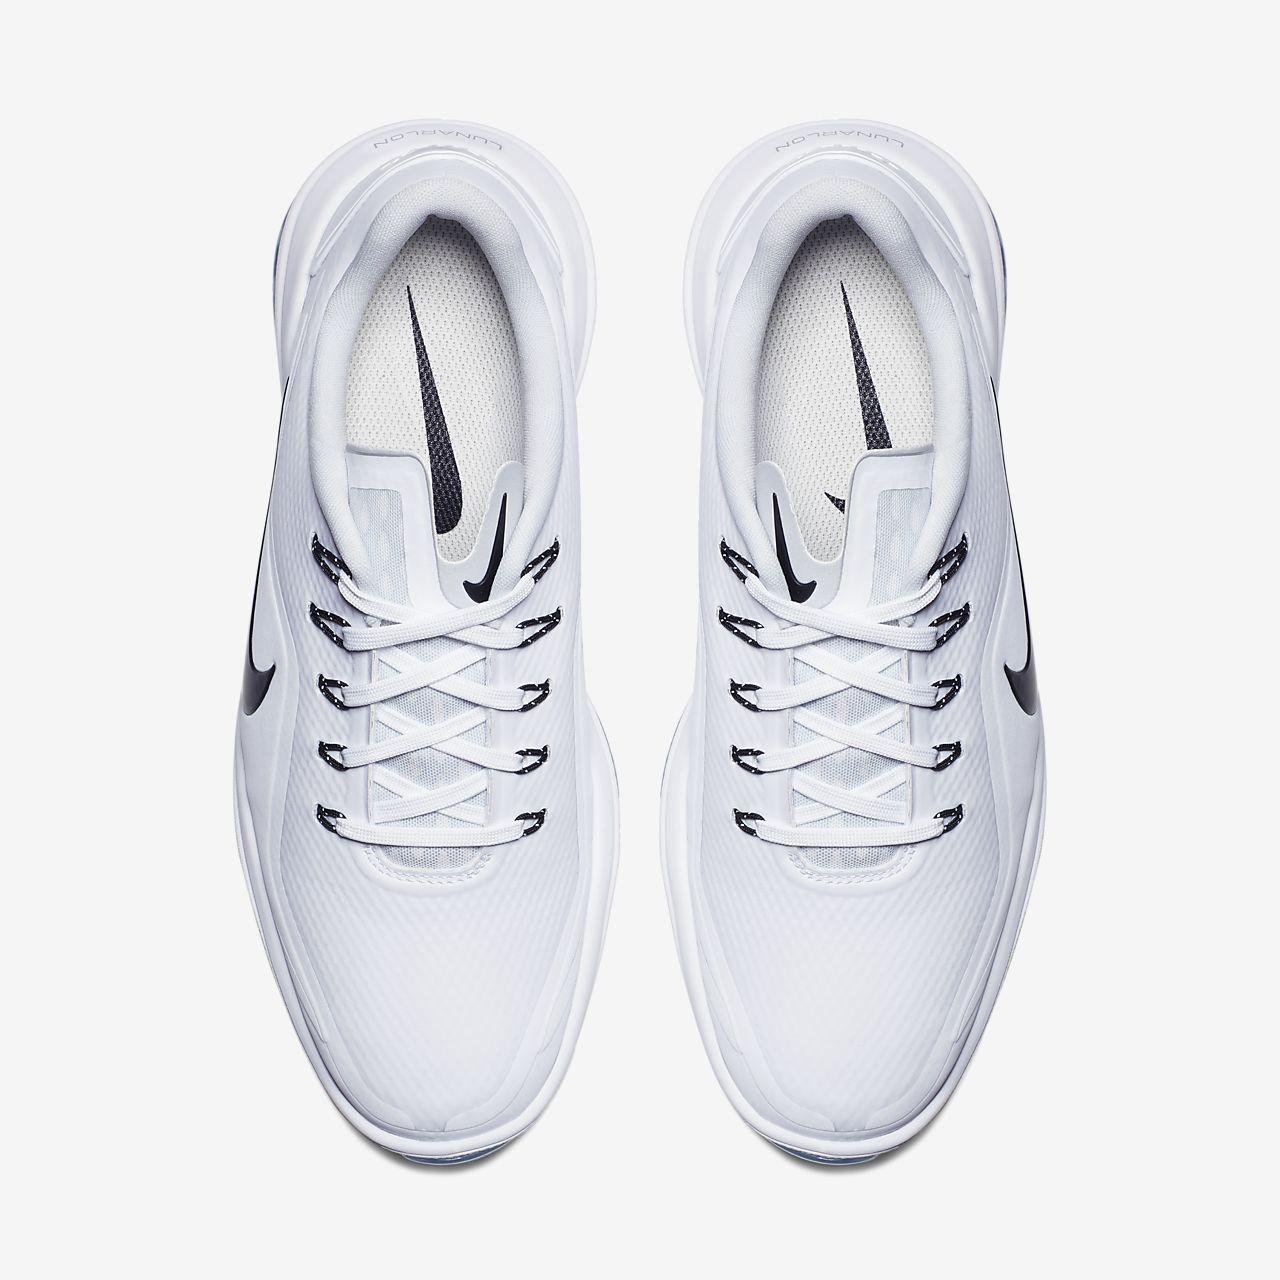 e86611975b22 Nike Lunar Control Vapor 2 Women s Golf Shoe. Nike.com GB